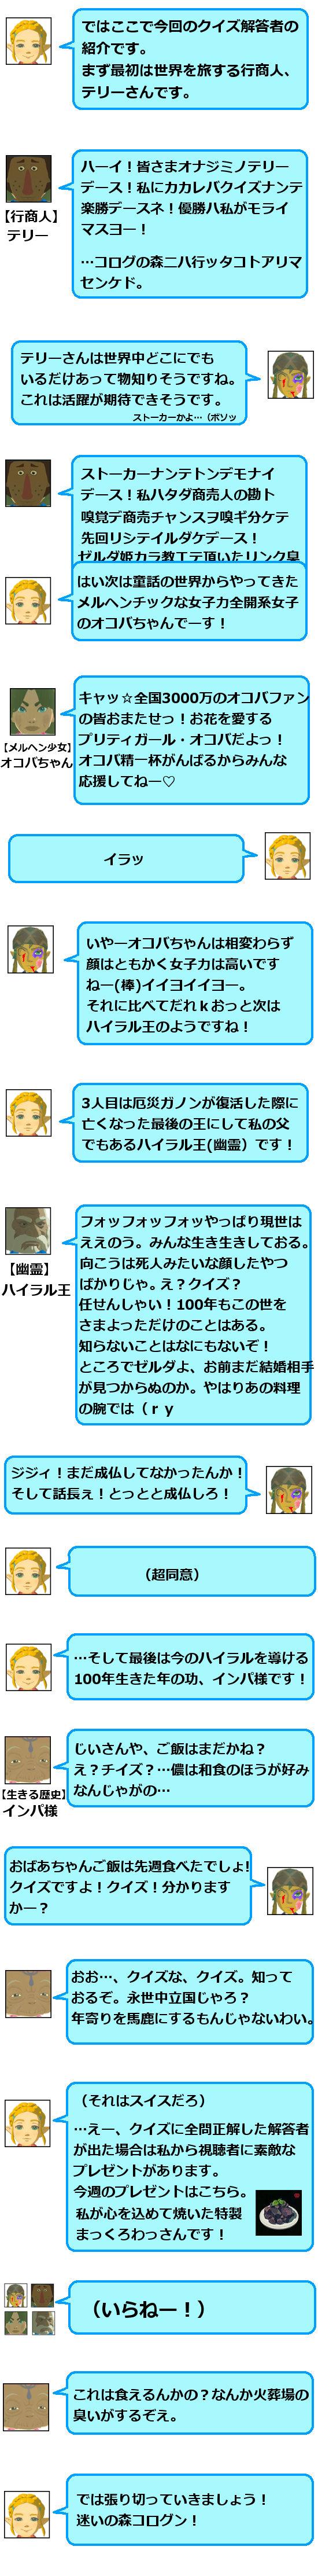 世界コログン滞在記_会話02